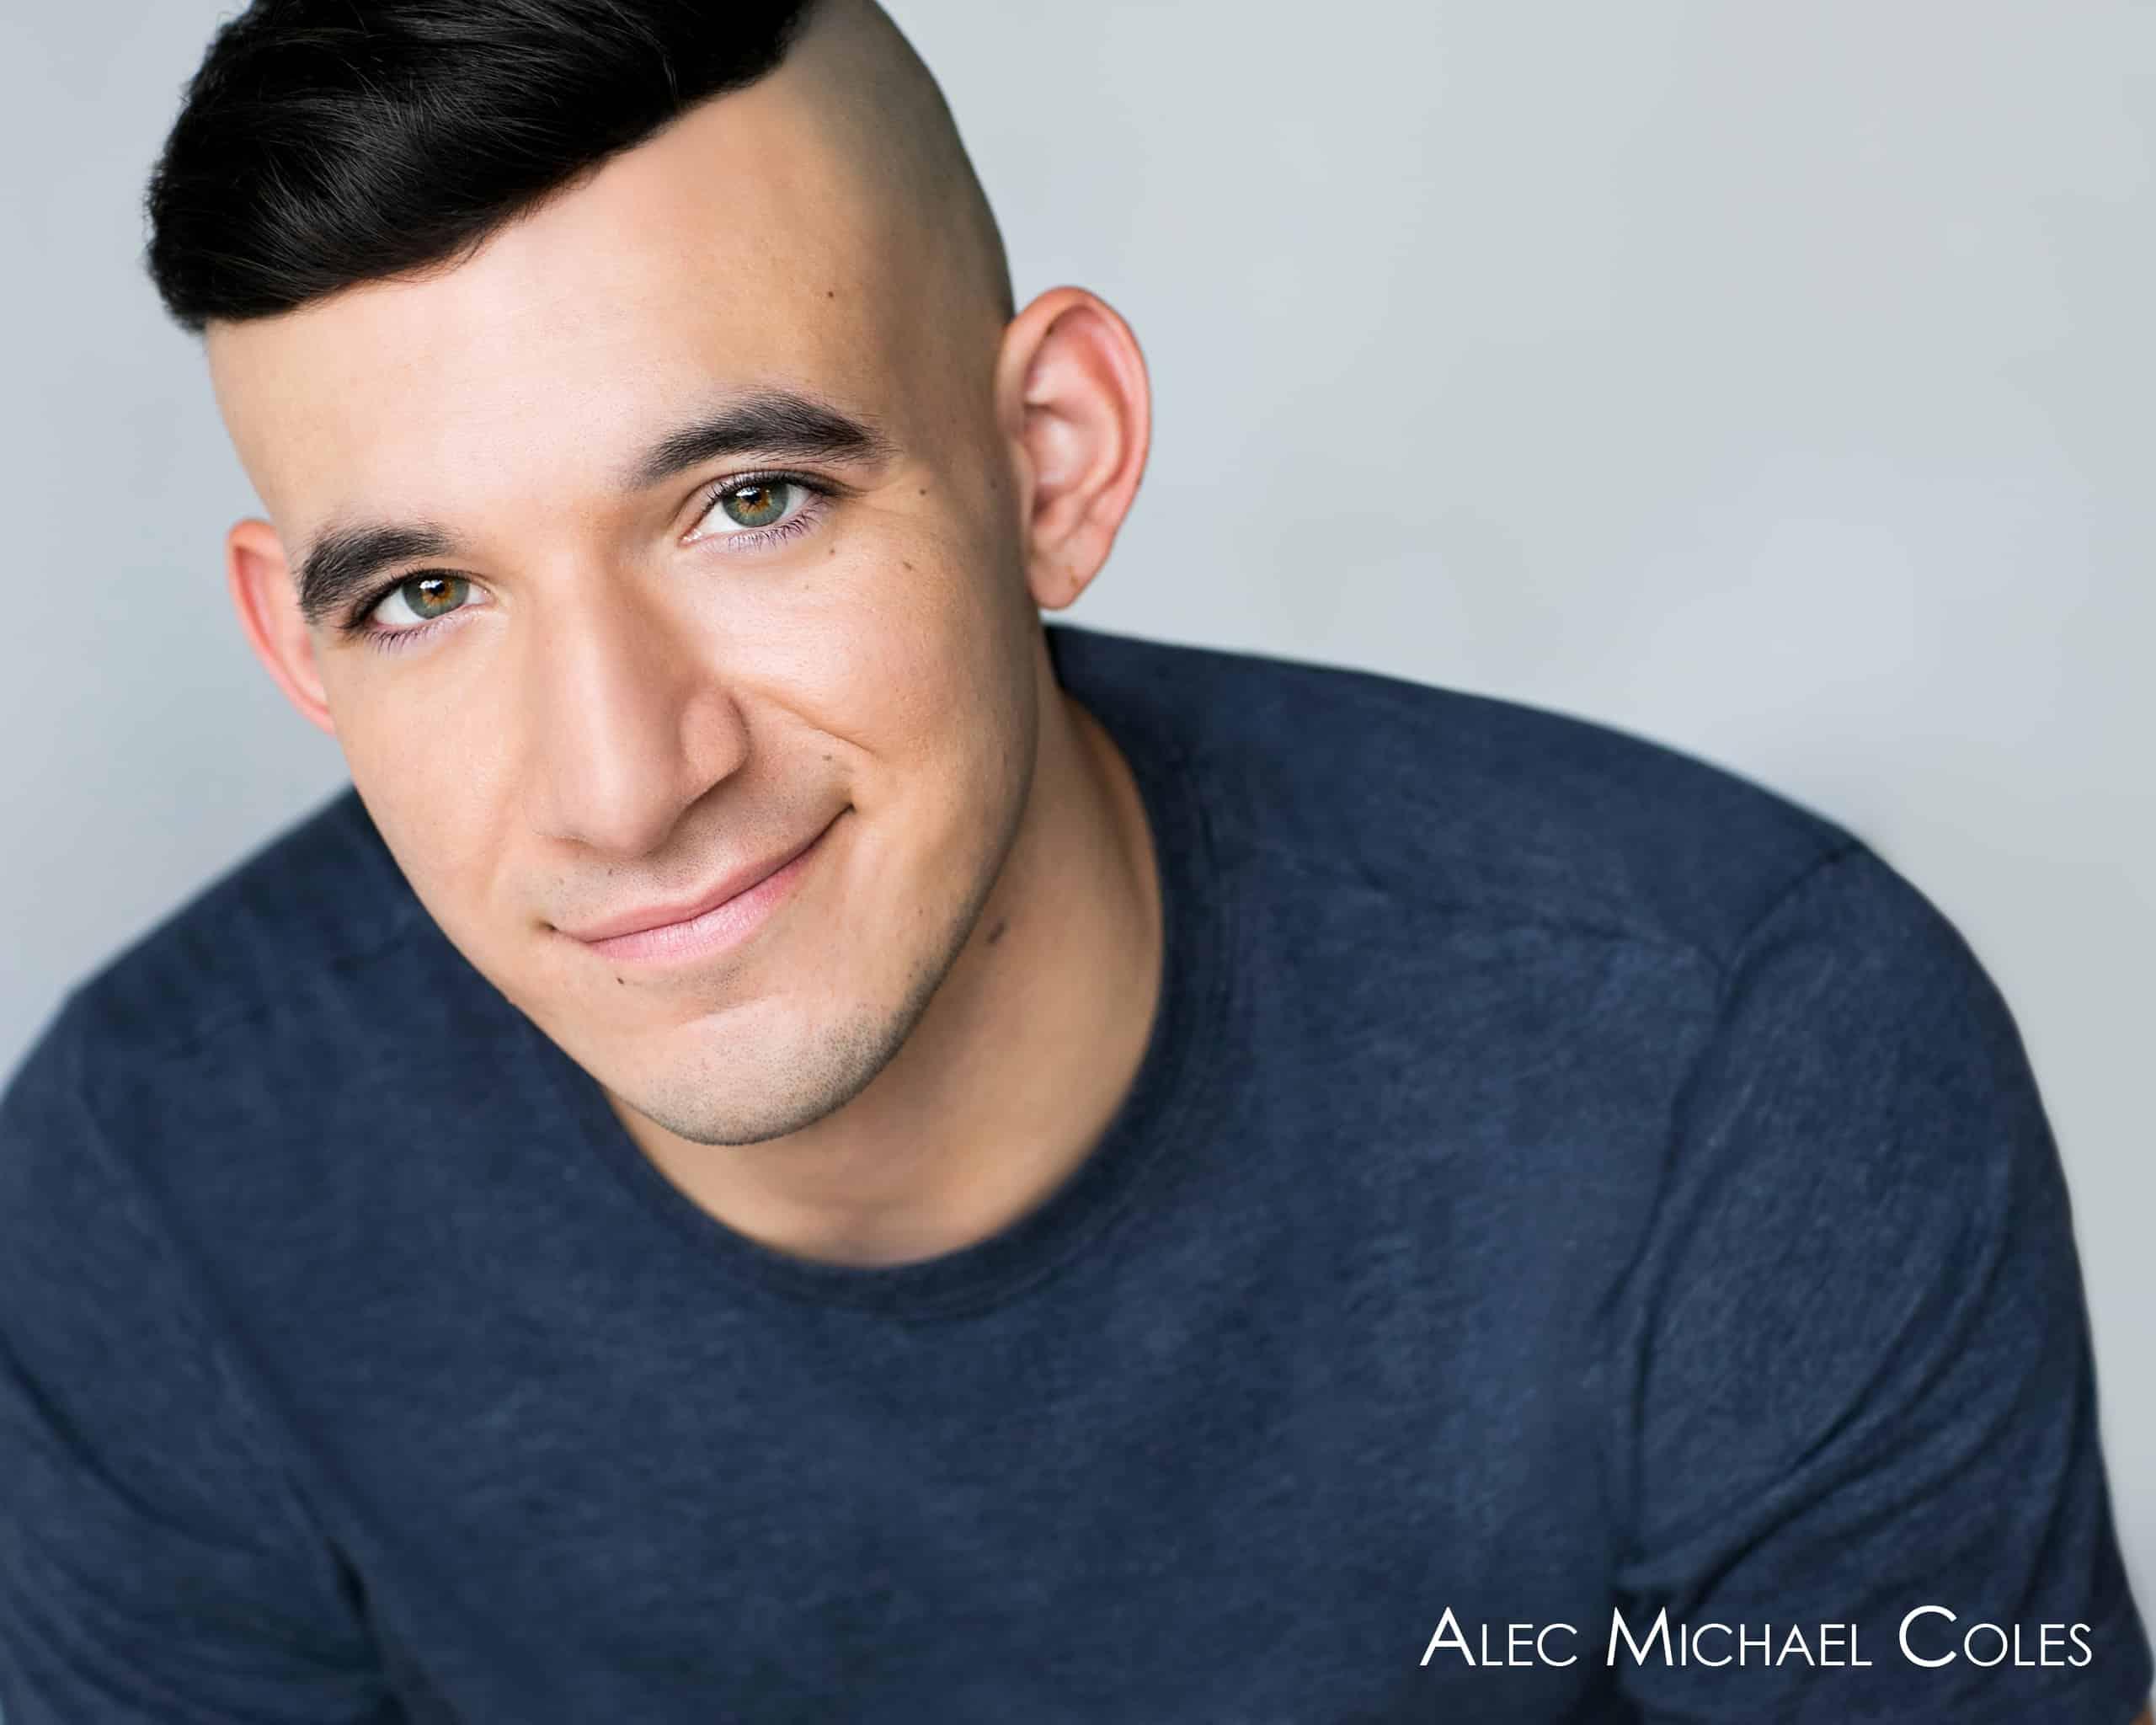 Alec Michael Coles